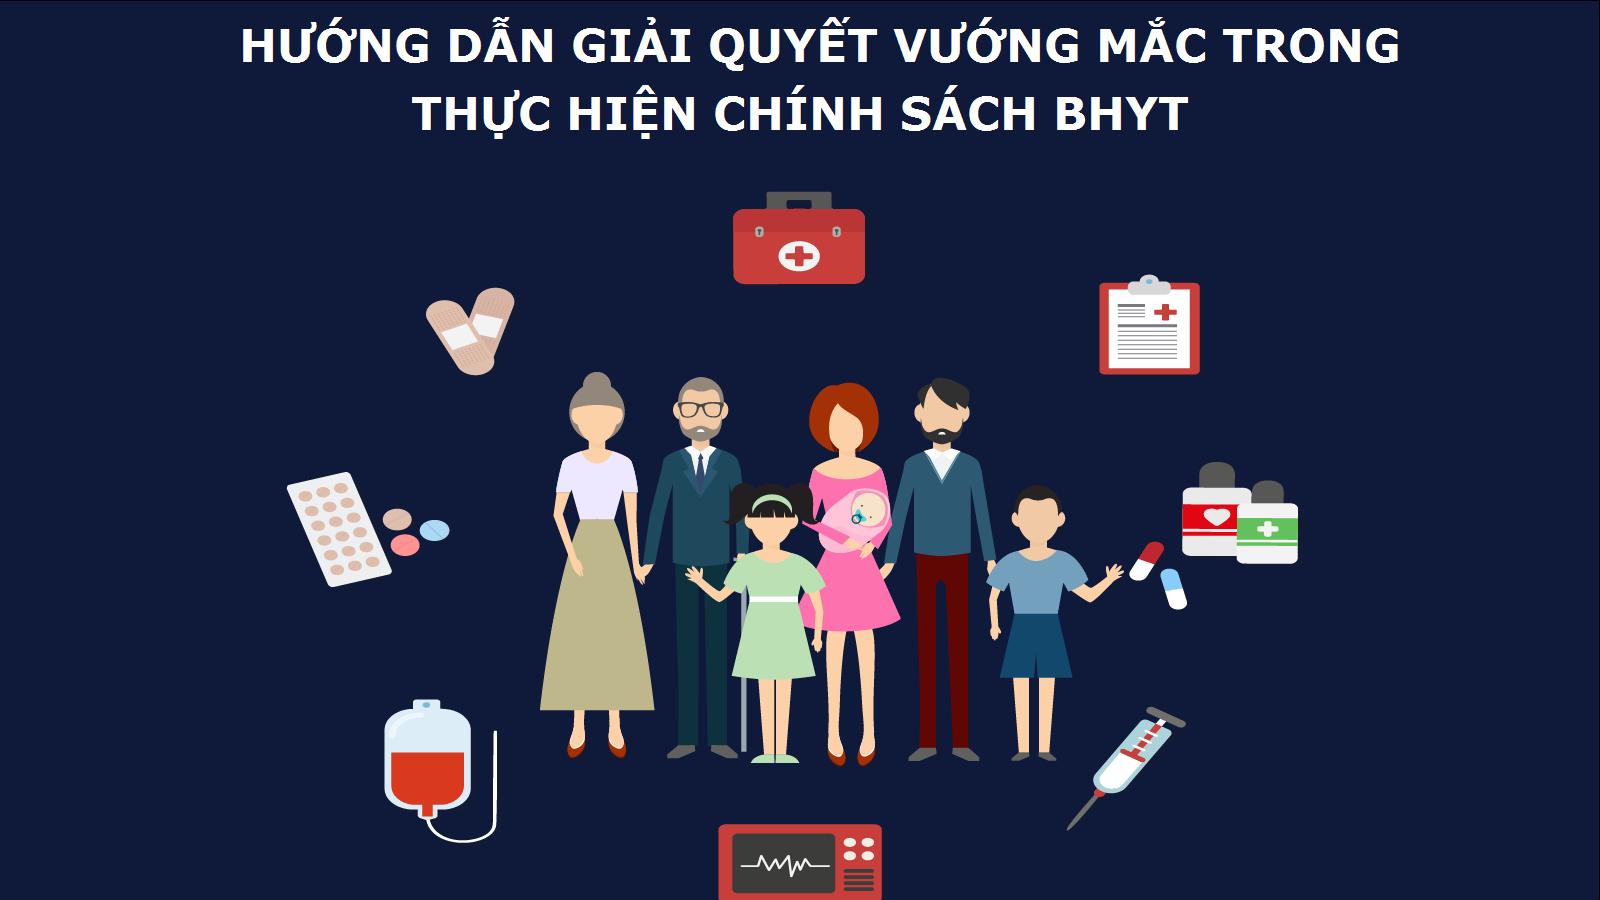 Công văn 2032/BHXH-CSYT của Bảo hiểm xã hội Việt Nam về việc hướng dẫn giải quyết một số vướng mắc trong thực hiện chính sách bảo hiểm y tế